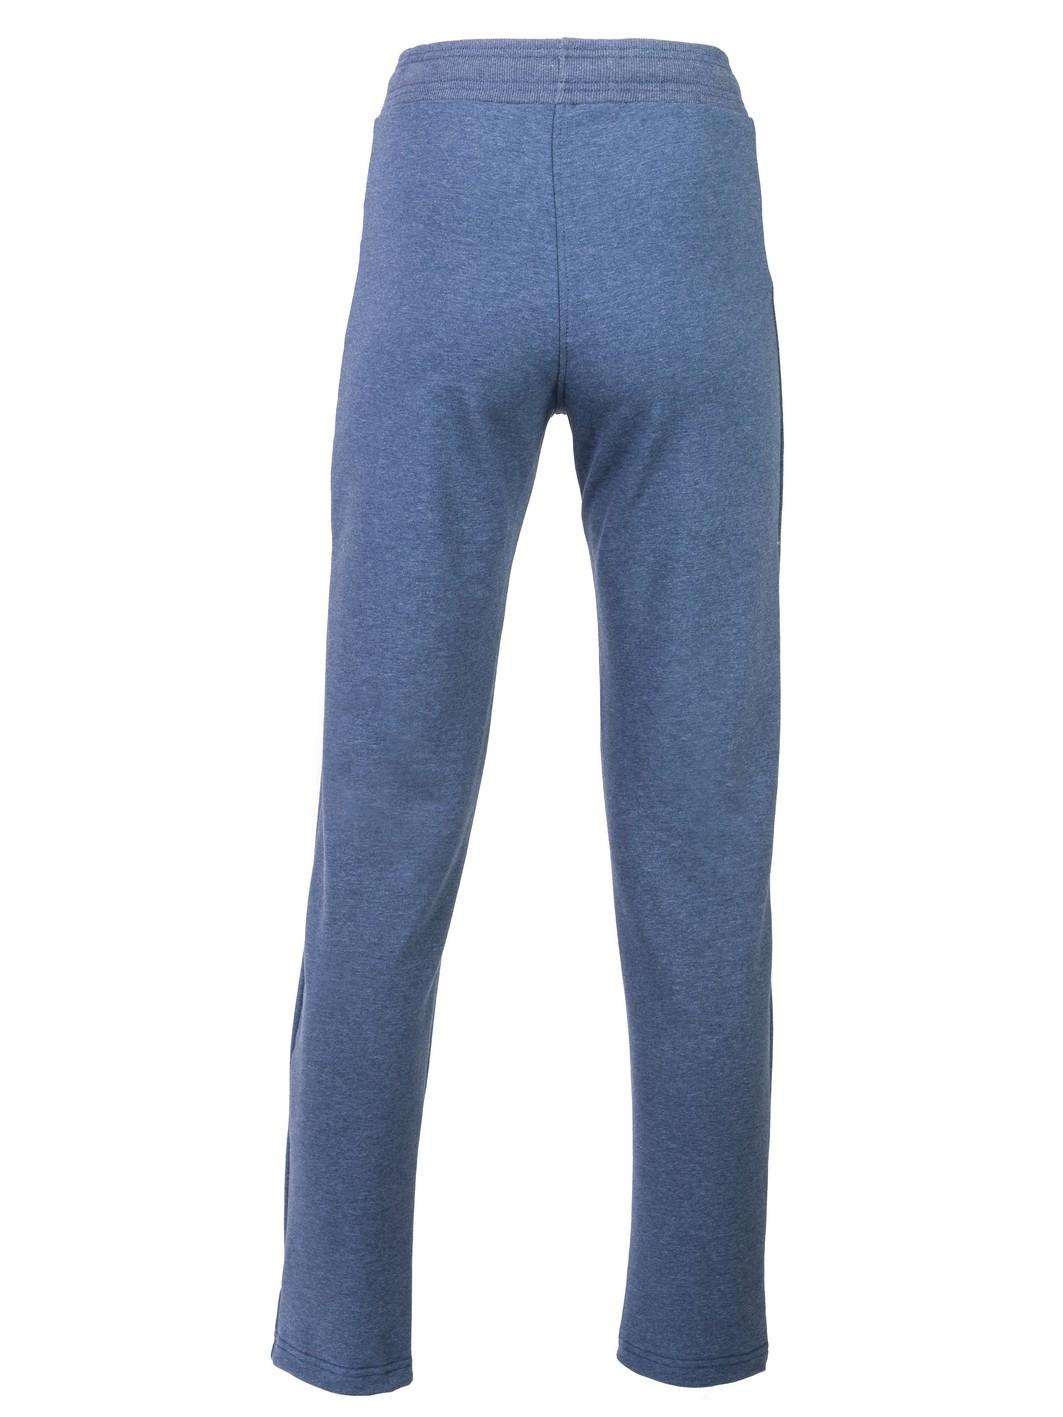 ženske pantalone melirane